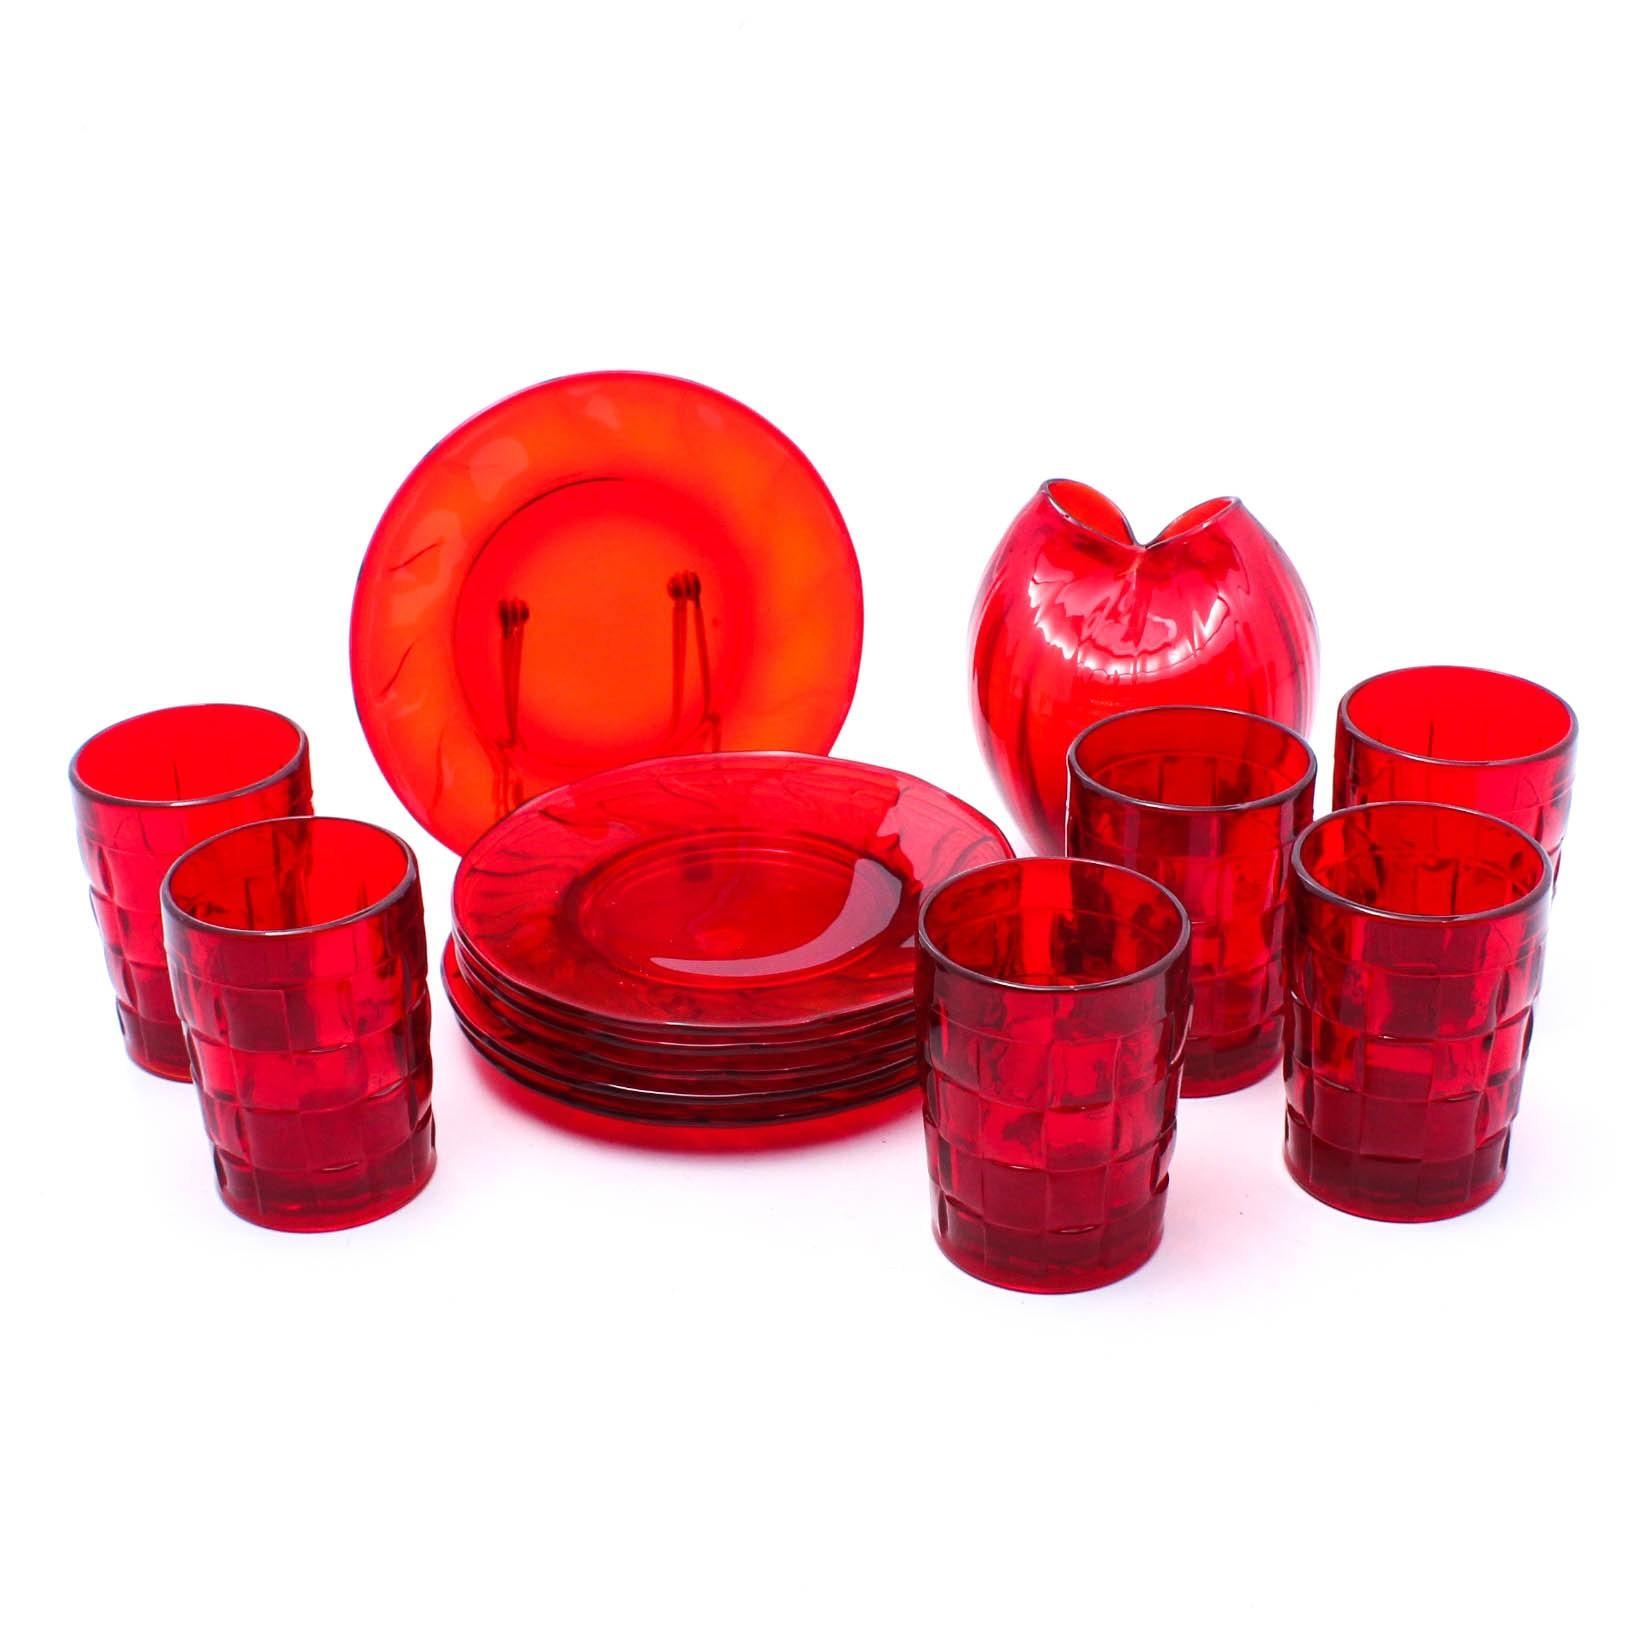 Red Glassware Featuring Fostoria